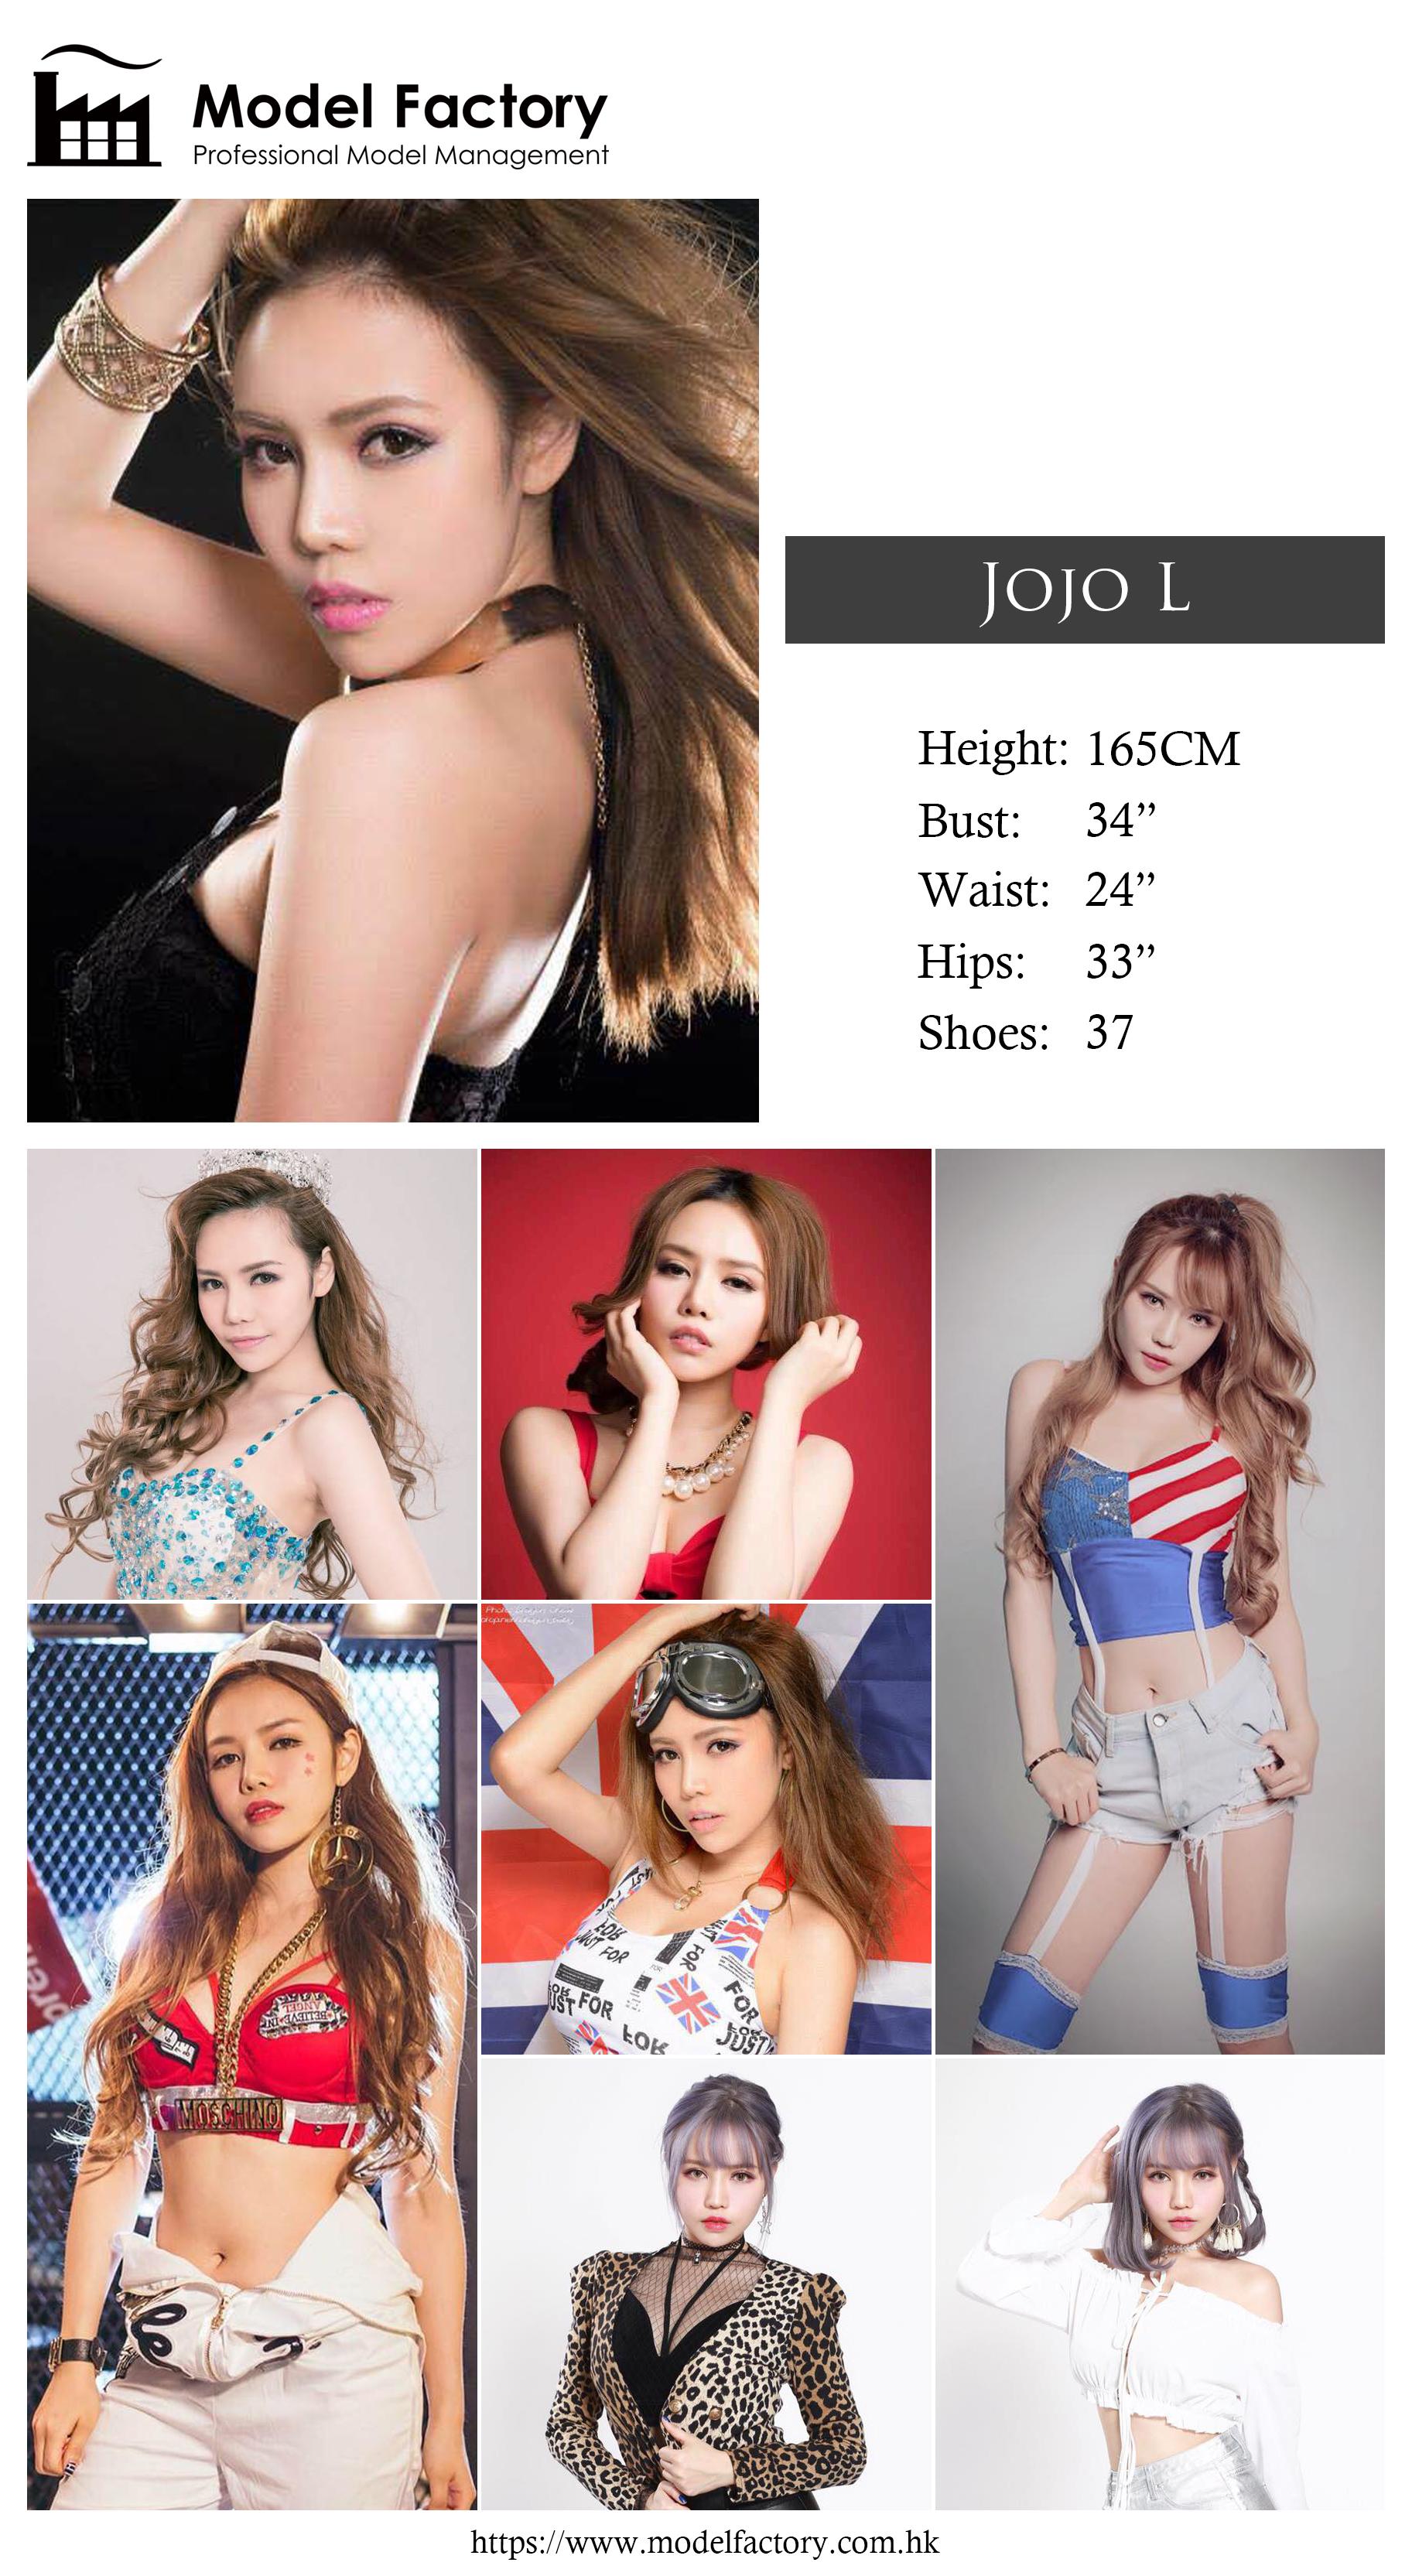 Model Factory Hong Kong Female Model JojoL